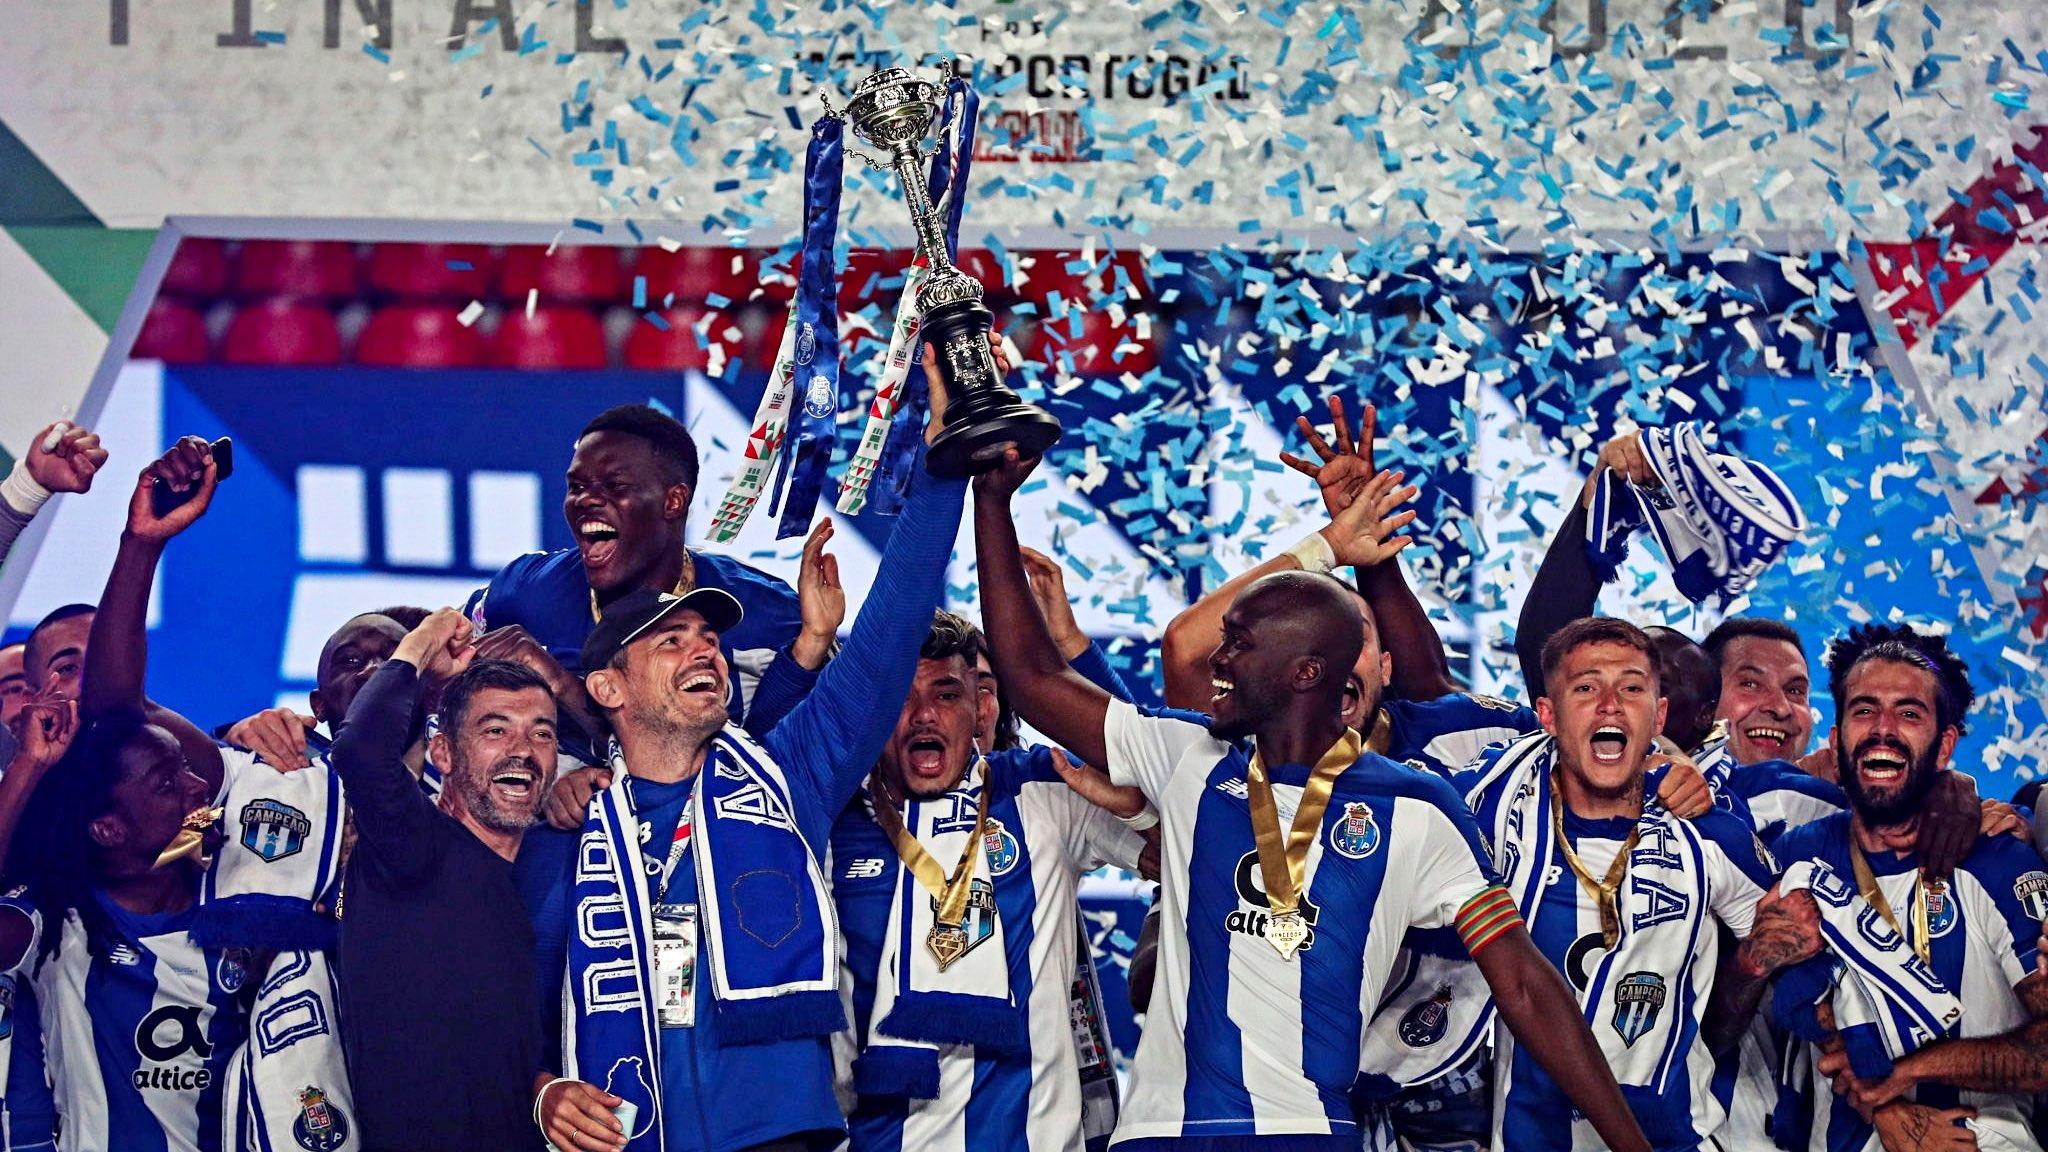 فرانكفورت يفوز على بنفيكا ٢ ٠,فرانكفورت يفوز على بنفيكا 2 0,بطولة كأس البرتغال,نادي بورتو البرتغالي,كأس السوبر البرتغالي,بنفيكا,بورتو,ترتيب الدوري البرتغالي,الدوري البرتغالي,البرتغالي جوزيه مورينيو,كأس السوبر الأوروبية,فريق بورتو,كأس الاتحاد الأوروبي,براهيمي بورتو,تاريخ نادي بورتو,بورتو مصنع النجوم الذي لايتوقف,كأس العالم للأندية,كأس الاتحاد الأفريقي,إنجازات وألقاب بورتو,نادي بورتو,مهاجم بورتو,افضل 25 لاعب باعهم نادي بورتو,تشكيلة بورتو 2004,بورتو و موناكو 2004,سبورت,كأس,بلجيكا